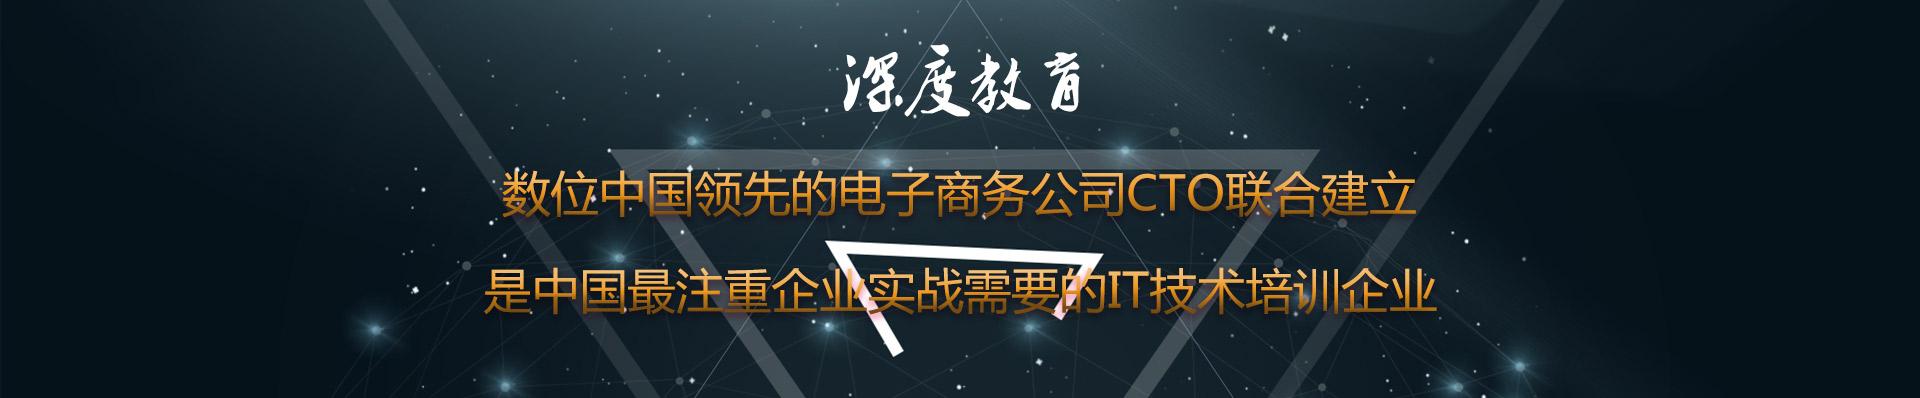 北京深度教育面向全国招代理